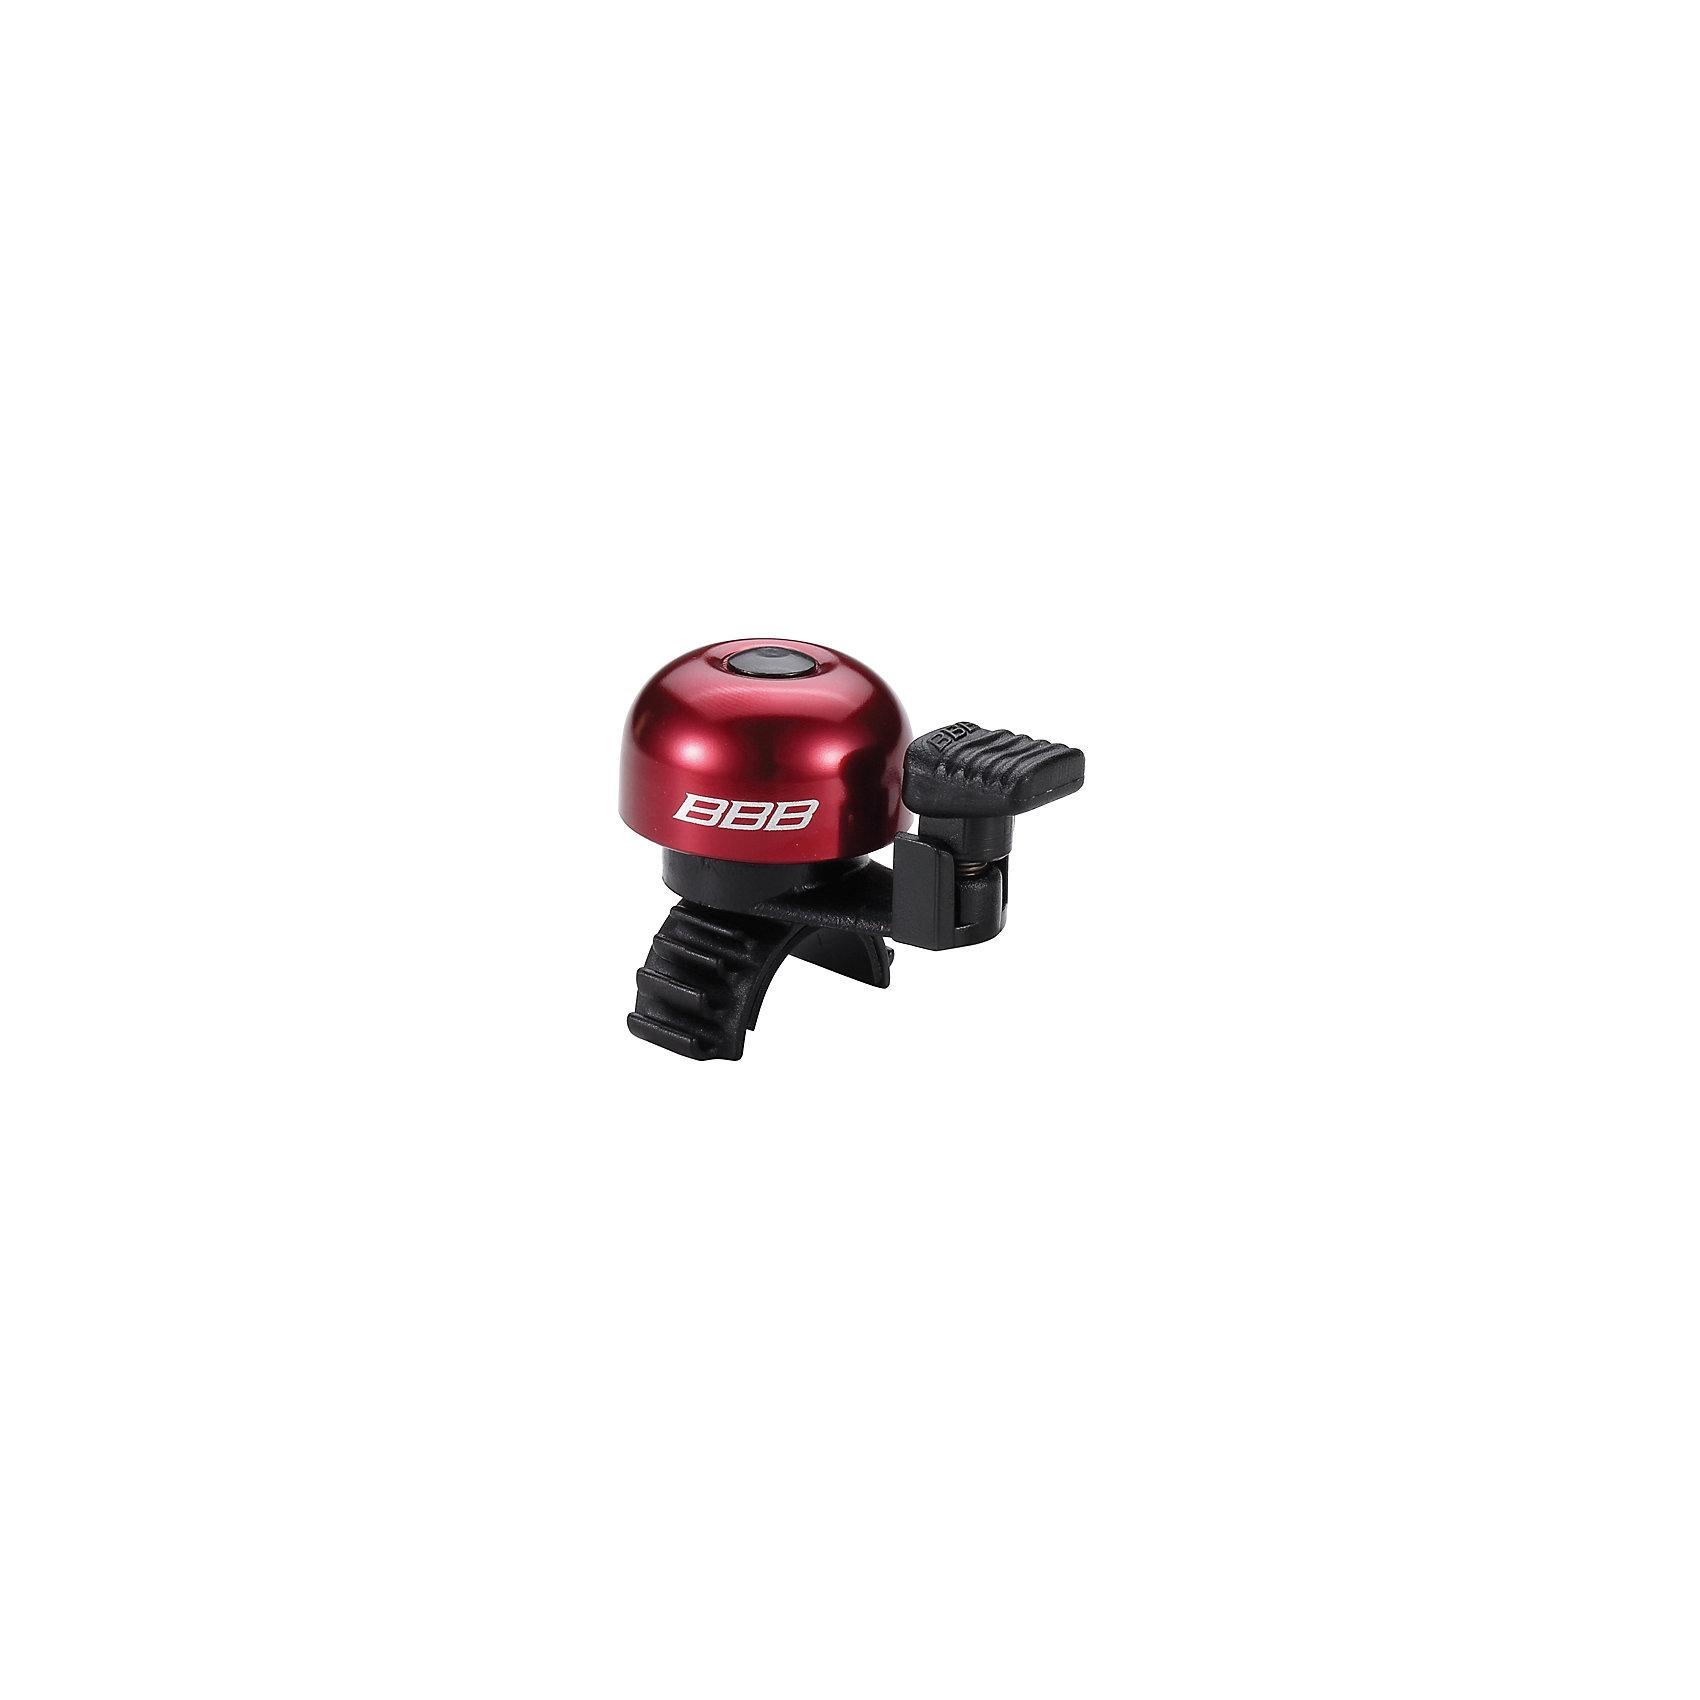 Звонок EasyFit  красный, BBBАксеcсуары для велосипедов<br>Характеристики товара: <br><br>• цвет: красный<br>• облегченный алюминиевый звонок с пружиной из нержавеющей стали <br>• быстросъемный <br>• крепление с резиновым ремешком<br>• подходит для всех видов рулей<br>• прочная и легкая конструкция<br><br>Звонок EasyFit  красный, BBB можно купить в нашем интернет-магазине.<br><br>Ширина мм: 160<br>Глубина мм: 80<br>Высота мм: 40<br>Вес г: 31<br>Возраст от месяцев: 36<br>Возраст до месяцев: 144<br>Пол: Унисекс<br>Возраст: Детский<br>SKU: 5569397